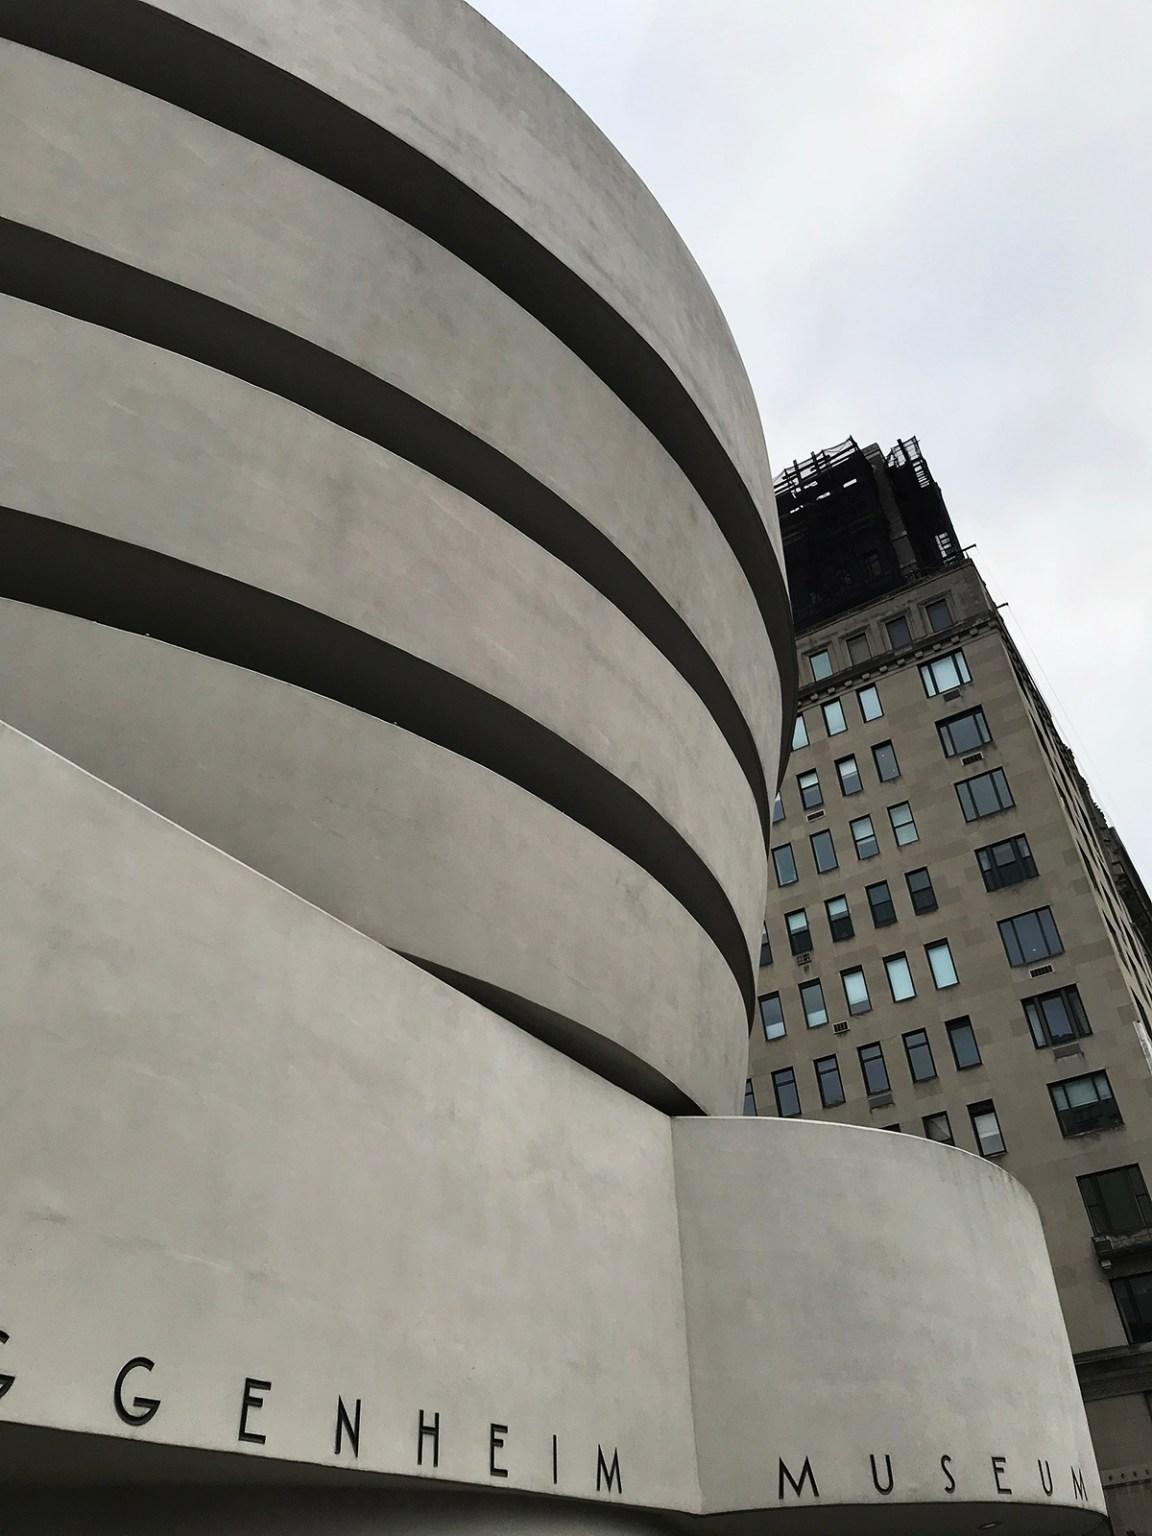 abreu-digital-guggennheim-museu-nova-york-noticias-arquitetura-360-graus-foto-patricia-abreu